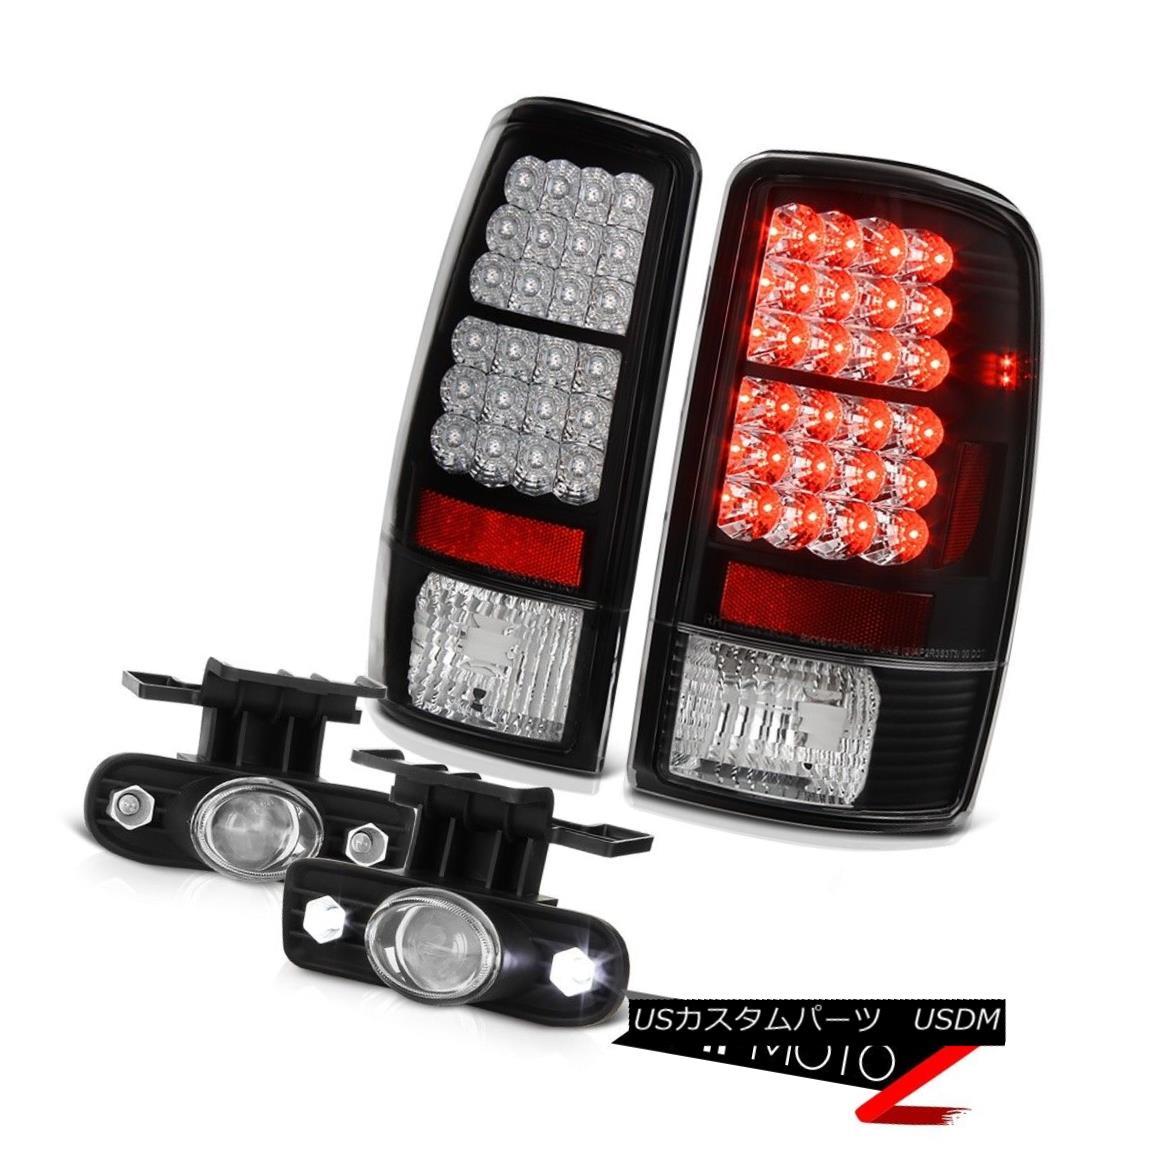 テールライト 00 01 02 03 04 05 06 Chevy Suburban 5.7L SMD Brake Tail Lights Projector Foglamp 00 01 02 03 04 05 06シボレー郊外5.7L SMDブレーキテールライトプロジェクターフォグライト